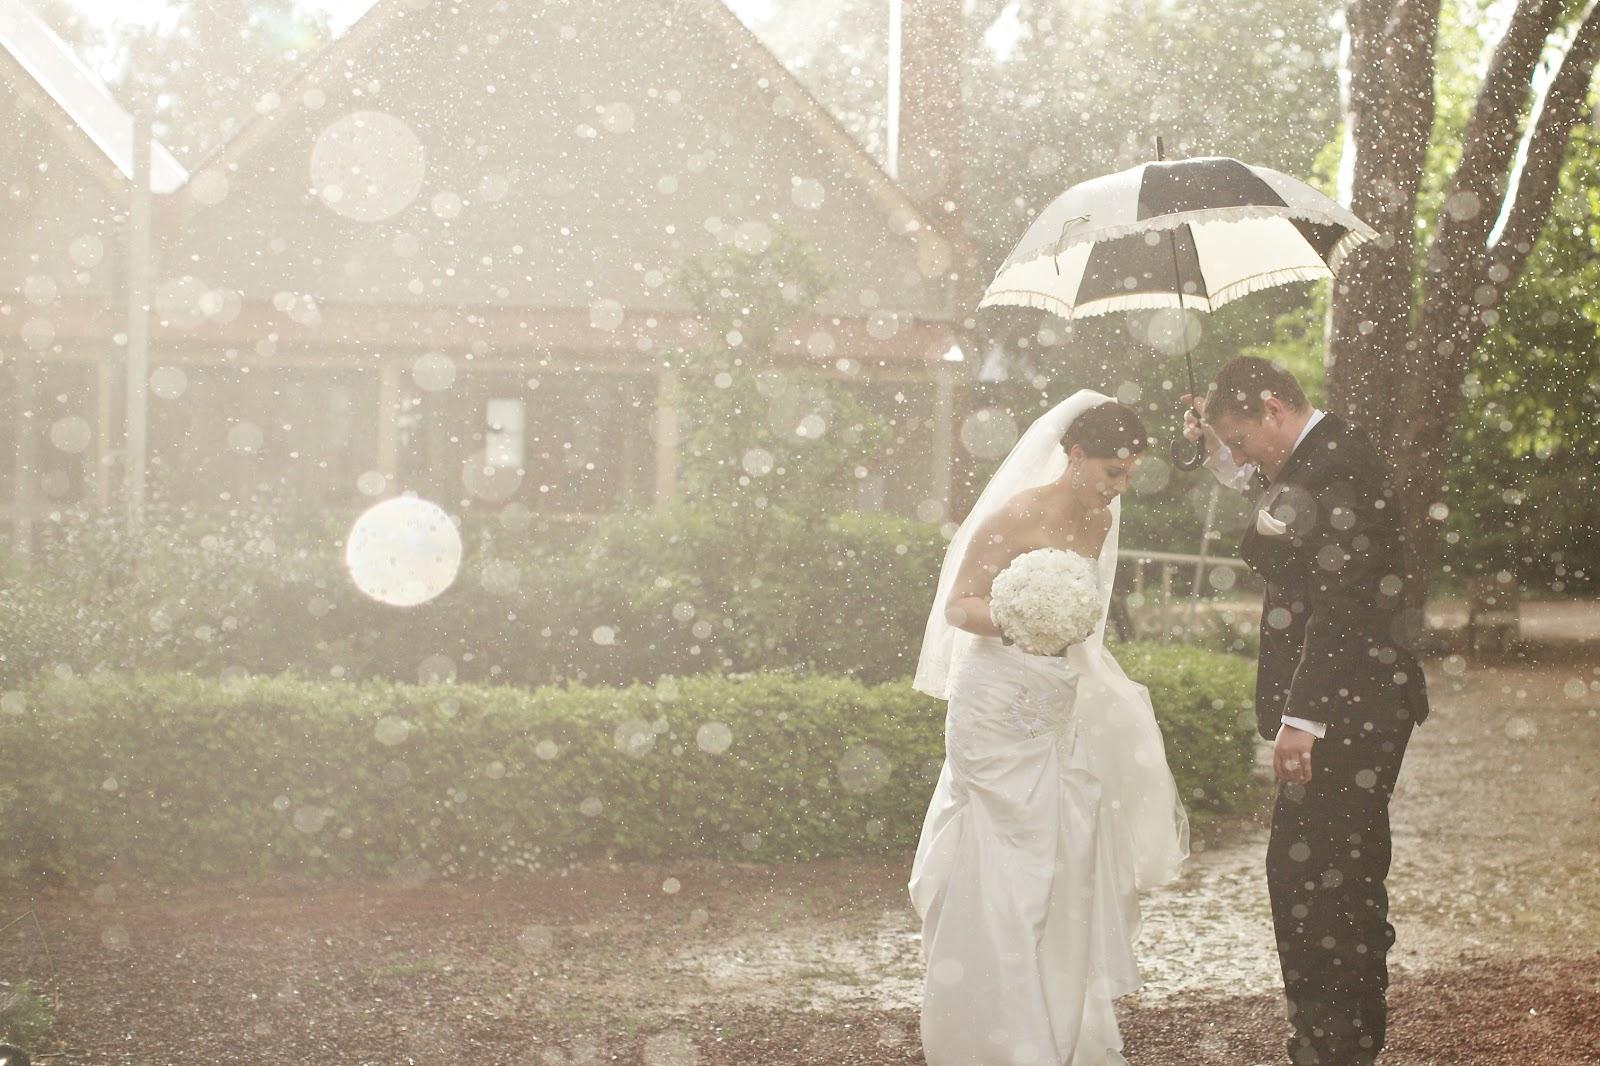 Что вытворяют на свадьбах фото 5 фотография